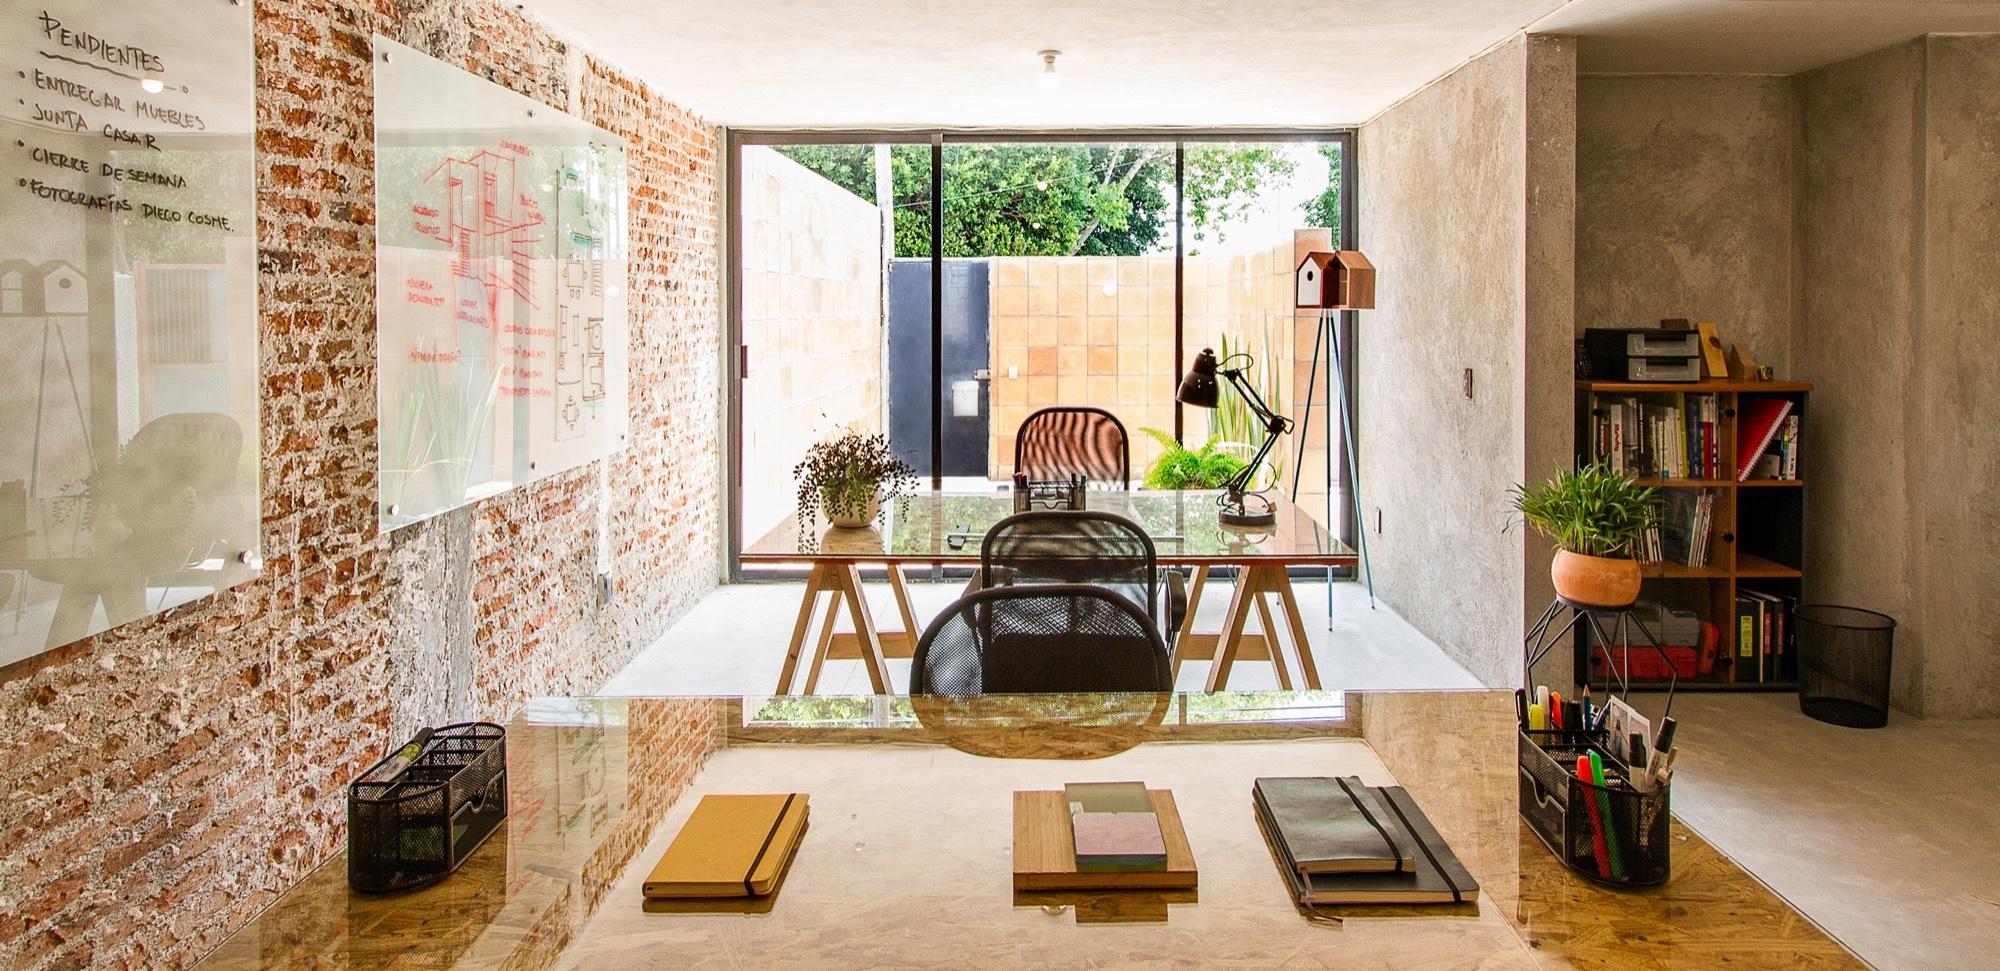 Gallery of casa estudio intersticial arquitectura 12 for Casa estudio arquitectura